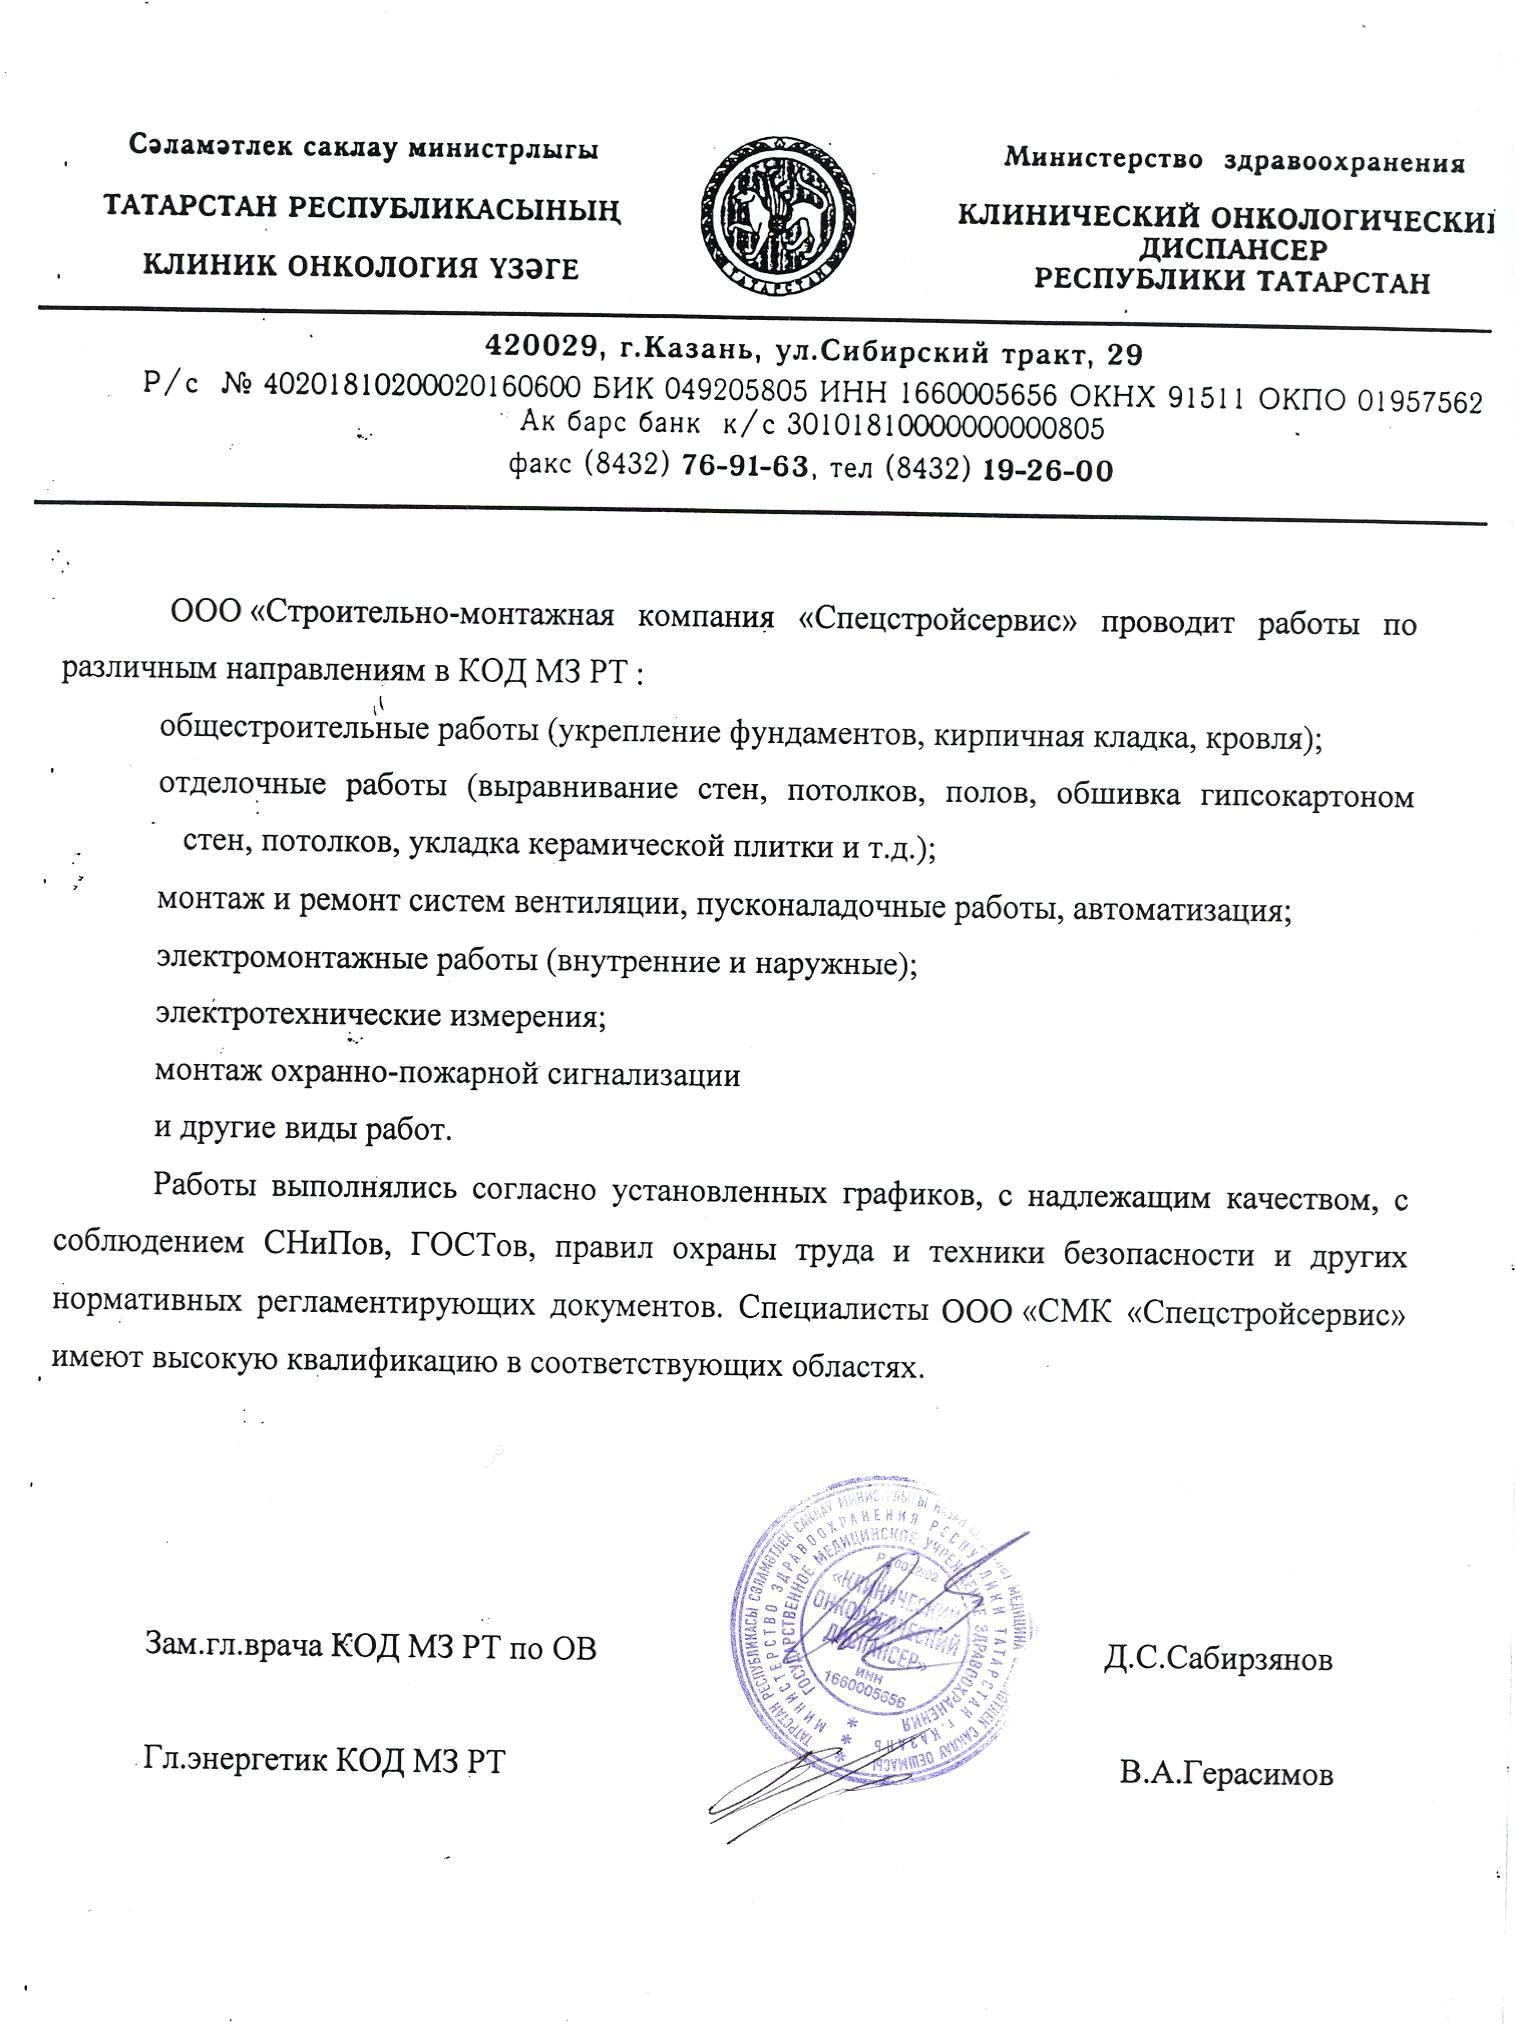 СМК Спецстройсервис 3